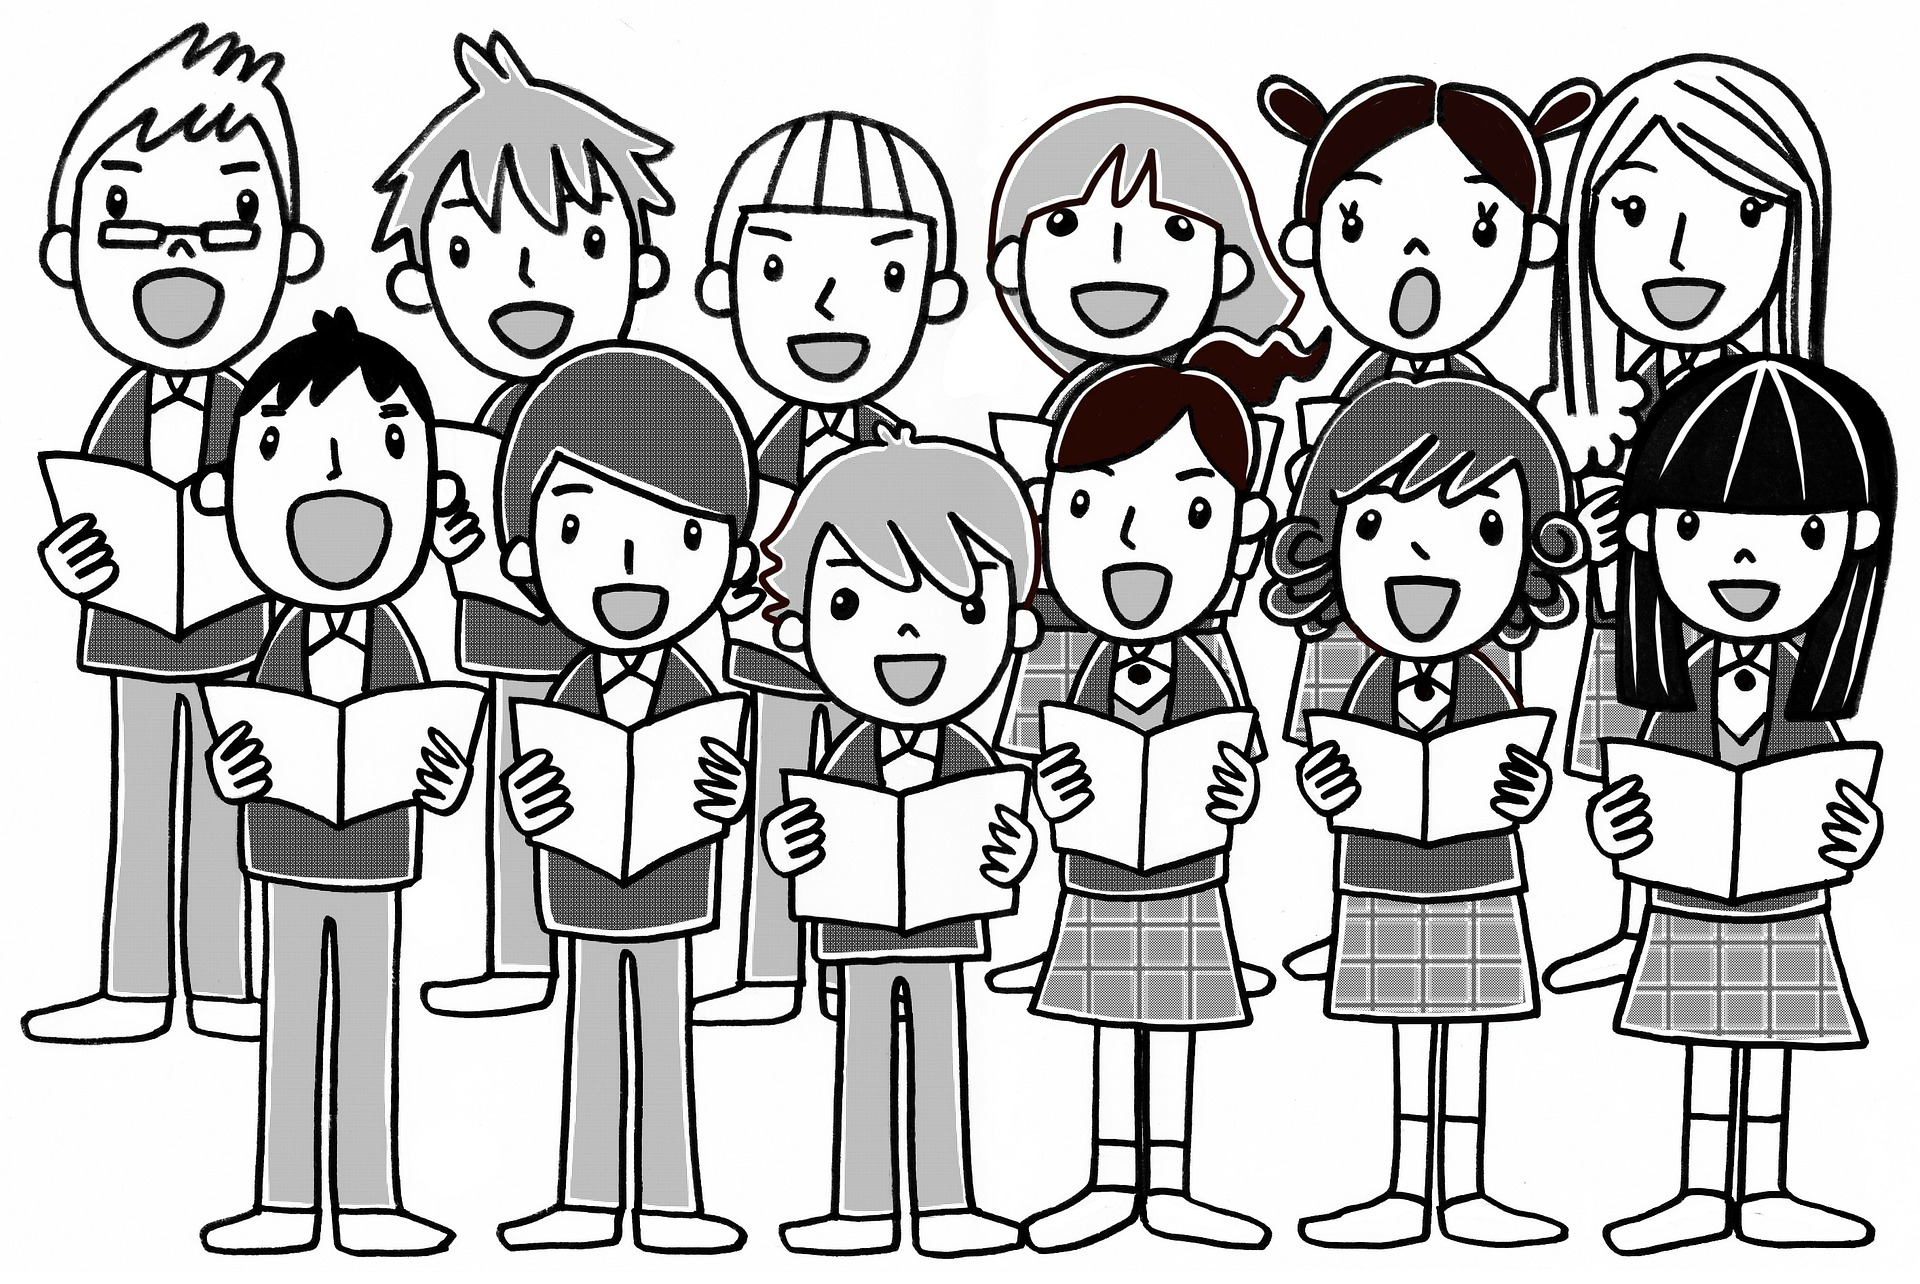 Singer clipart kid choir Teach children's to 5 concepts